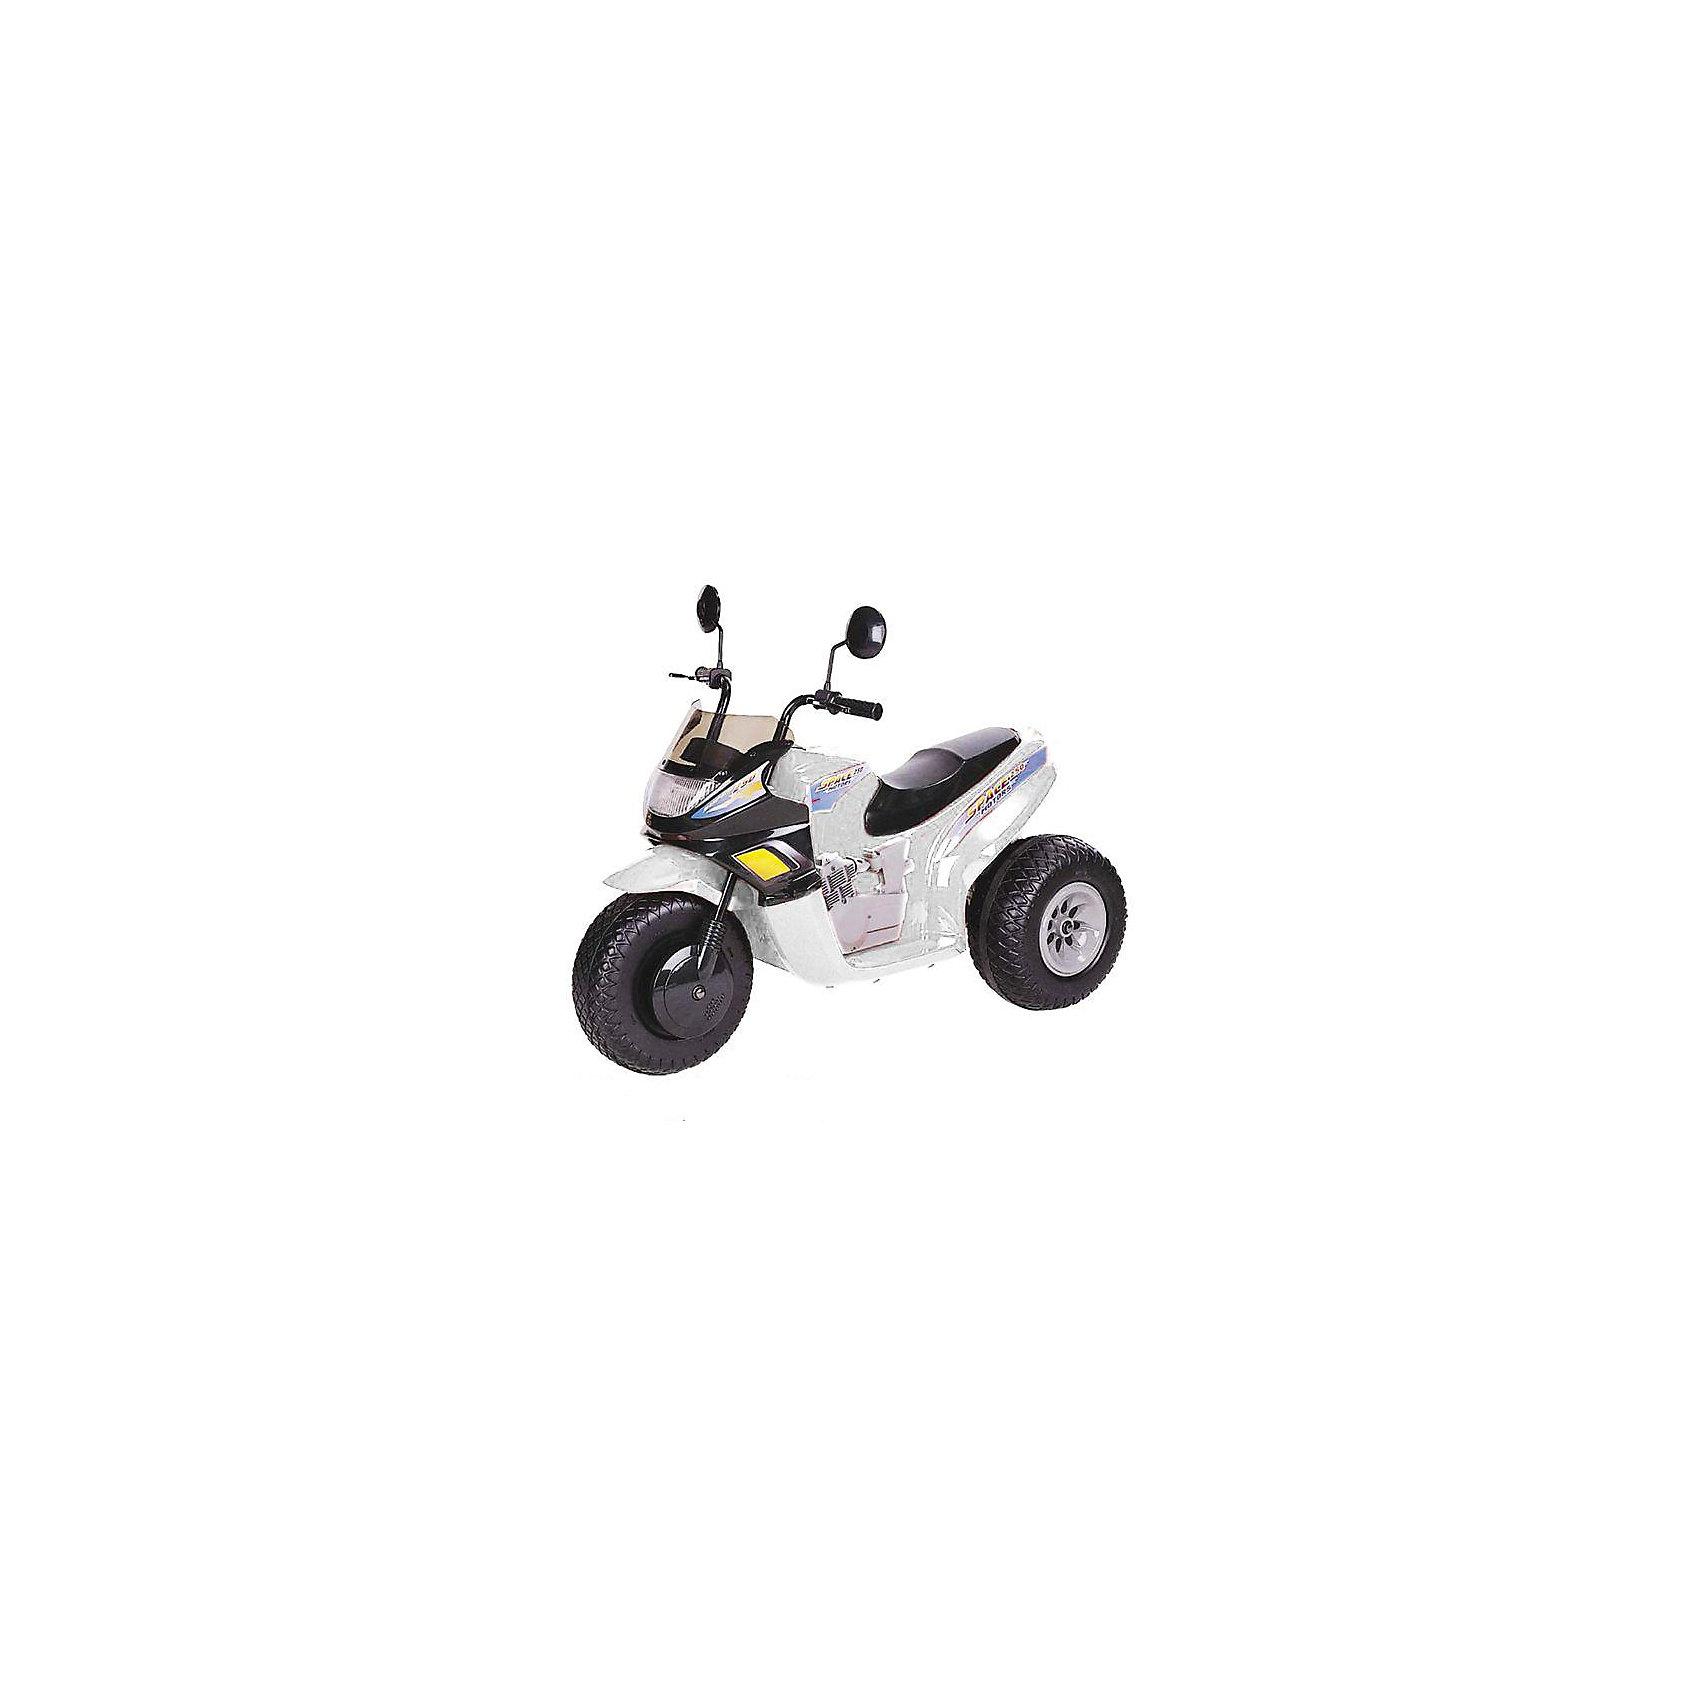 Мотоцикл СТ на аккумуляторе, BugatiМотоцикл на аккумуляторах ст-770 - 12v (2 аккумулятора 6v12ah) и два мотора - 2 скорости вперед + 1 скорость назад - габариты: 102х53х79 см (дхшхв) - светится фара - звуковые эффекты - скорость: 3-7 км/час - вес мотоцикла: 15 кг - резиновые накладки на колесах - боковые зеркала - максимальная нагрузка: 25 кг Цвет: белый.<br><br>Ширина мм: 740<br>Глубина мм: 550<br>Высота мм: 1020<br>Вес г: 17600<br>Возраст от месяцев: 60<br>Возраст до месяцев: 108<br>Пол: Унисекс<br>Возраст: Детский<br>SKU: 5530234